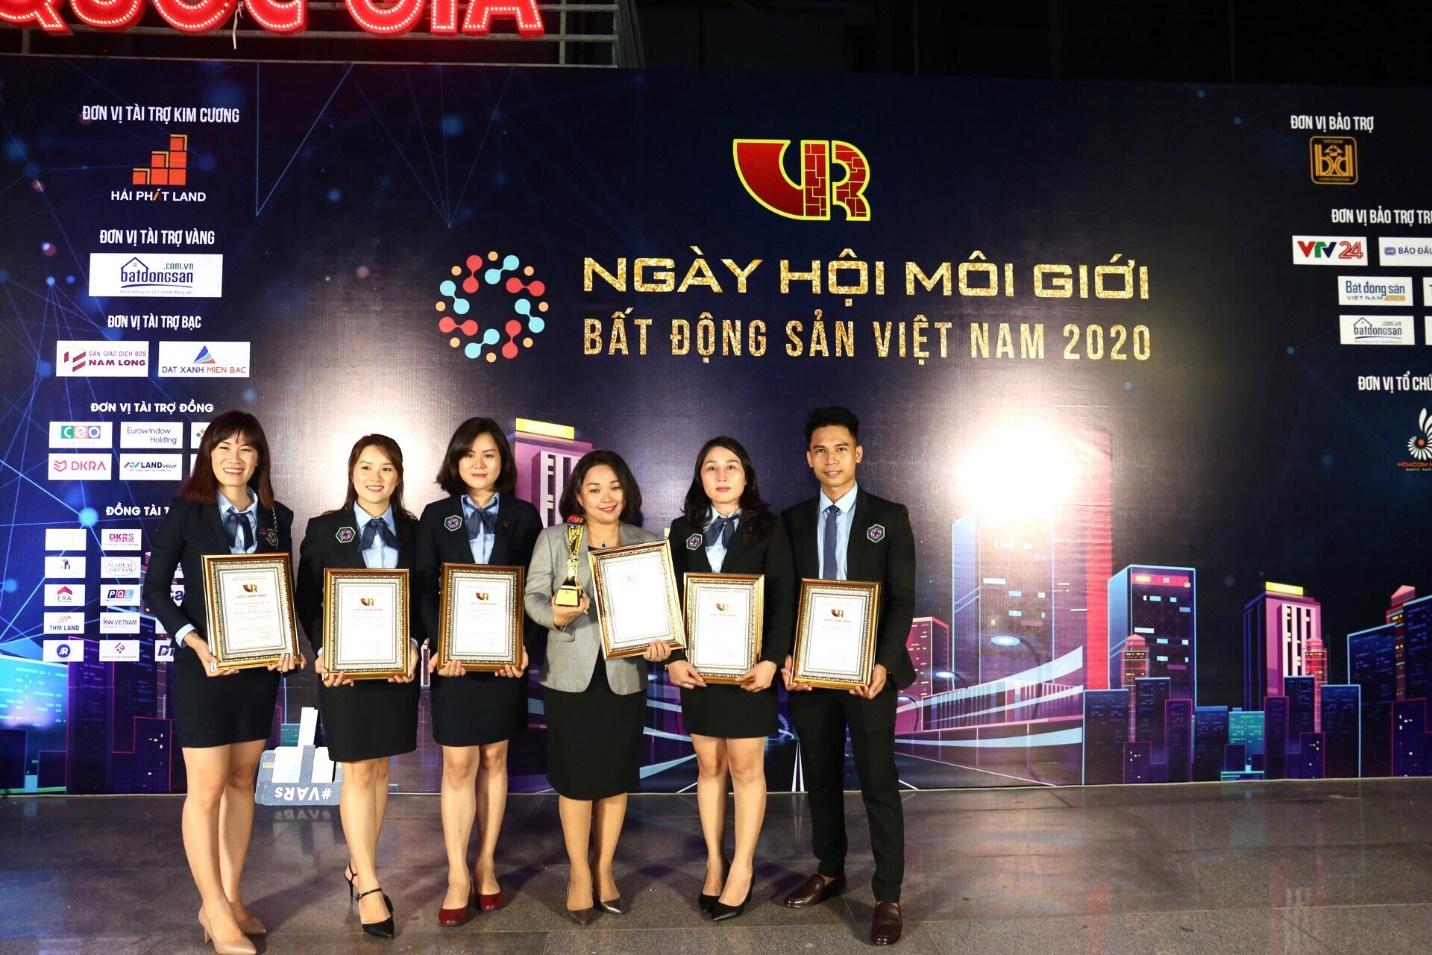 Sàn bất động sản Nam Long 'công phá' những giải thưởng danh giá trong và ngoài nước 2